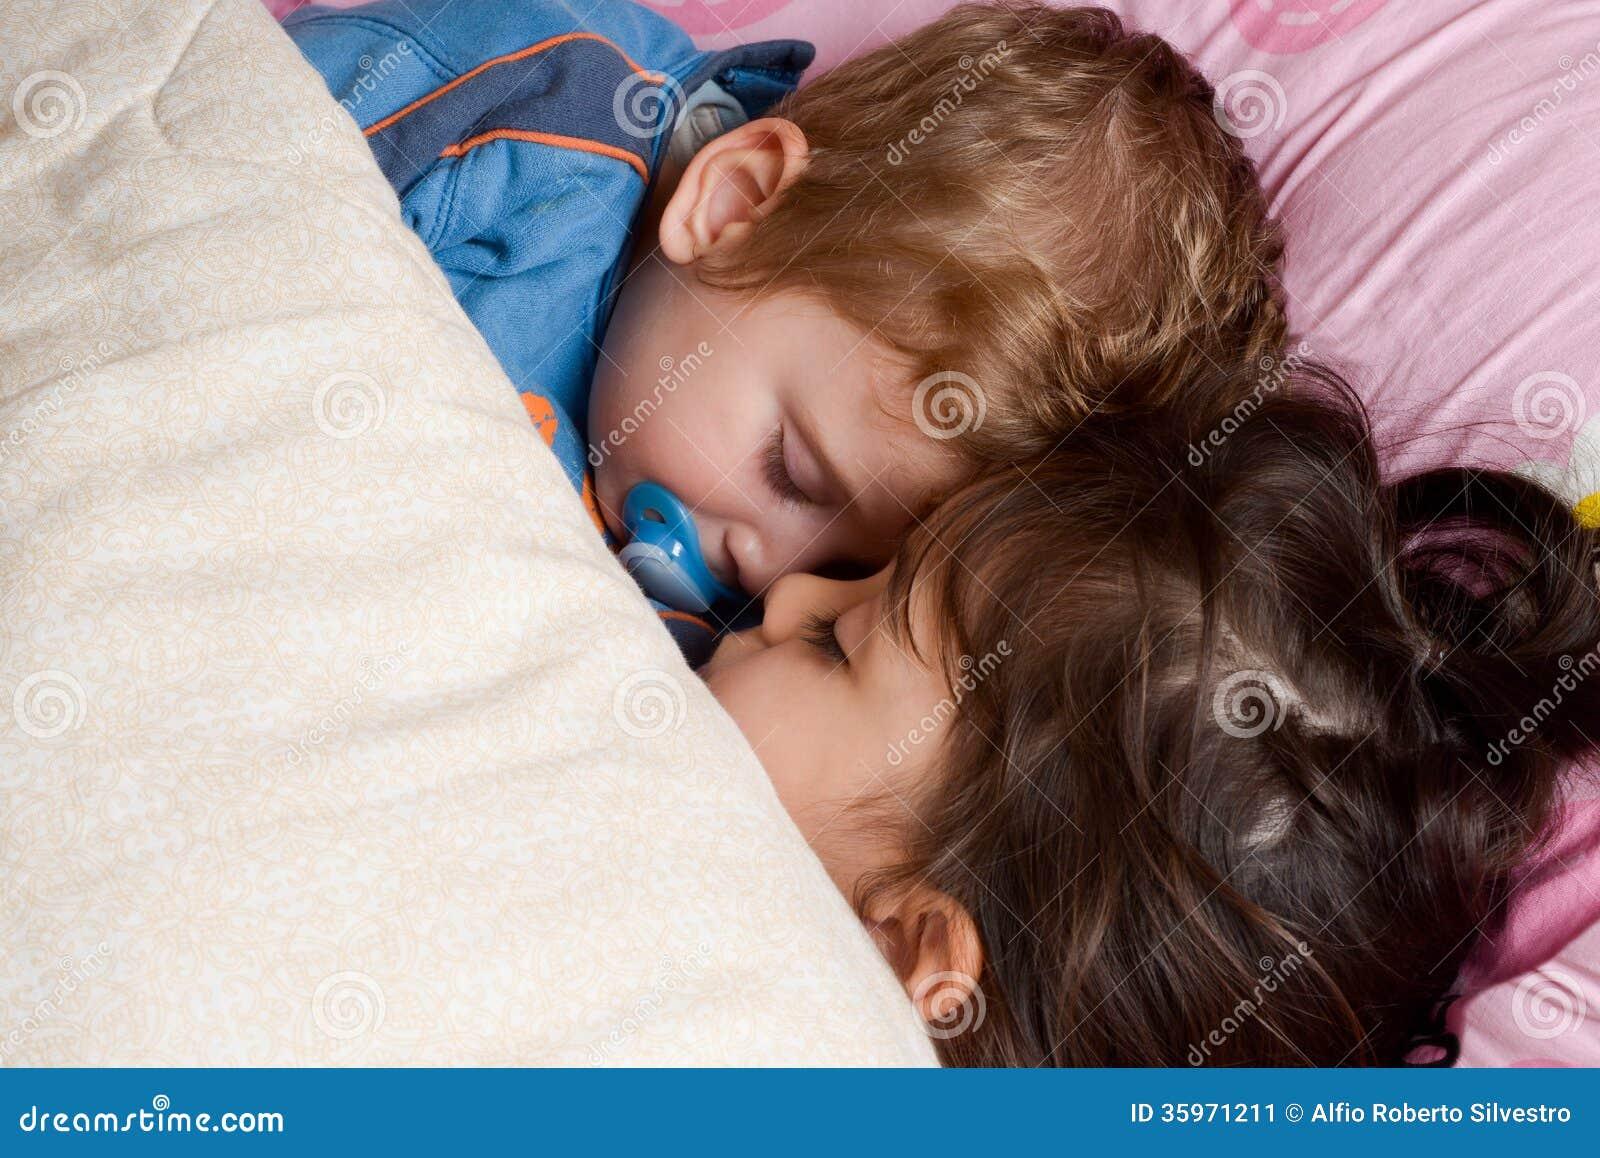 Тетя сосет пока спит, Тетка сосет член у спящего племянника, разбудила для 25 фотография